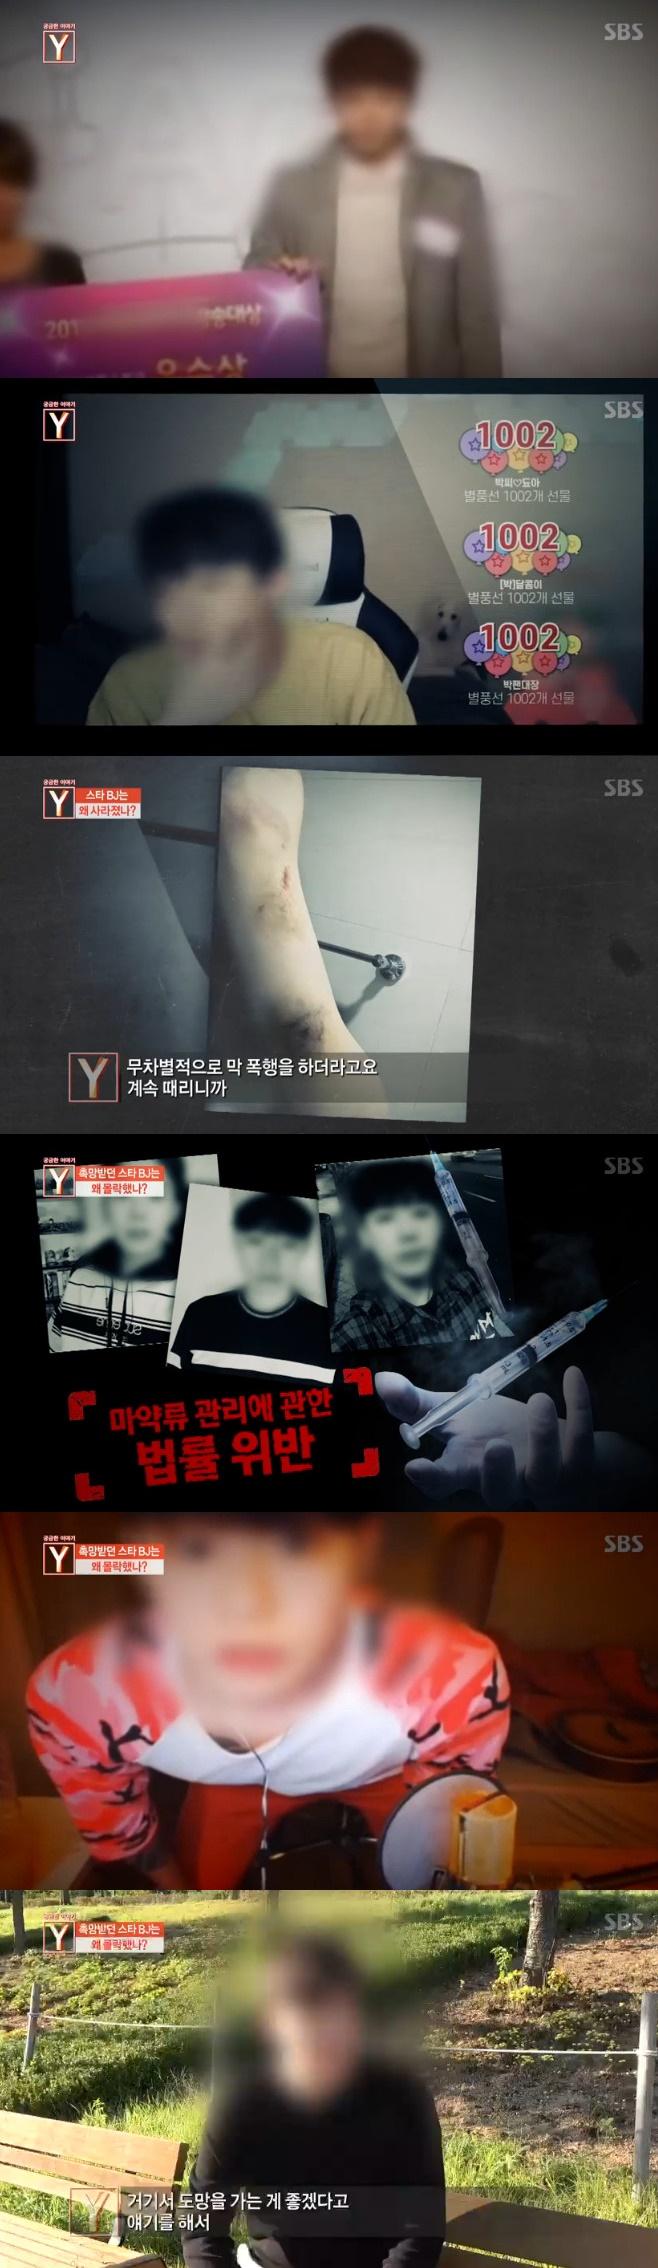 궁금한 이야기Y BJ 박 씨